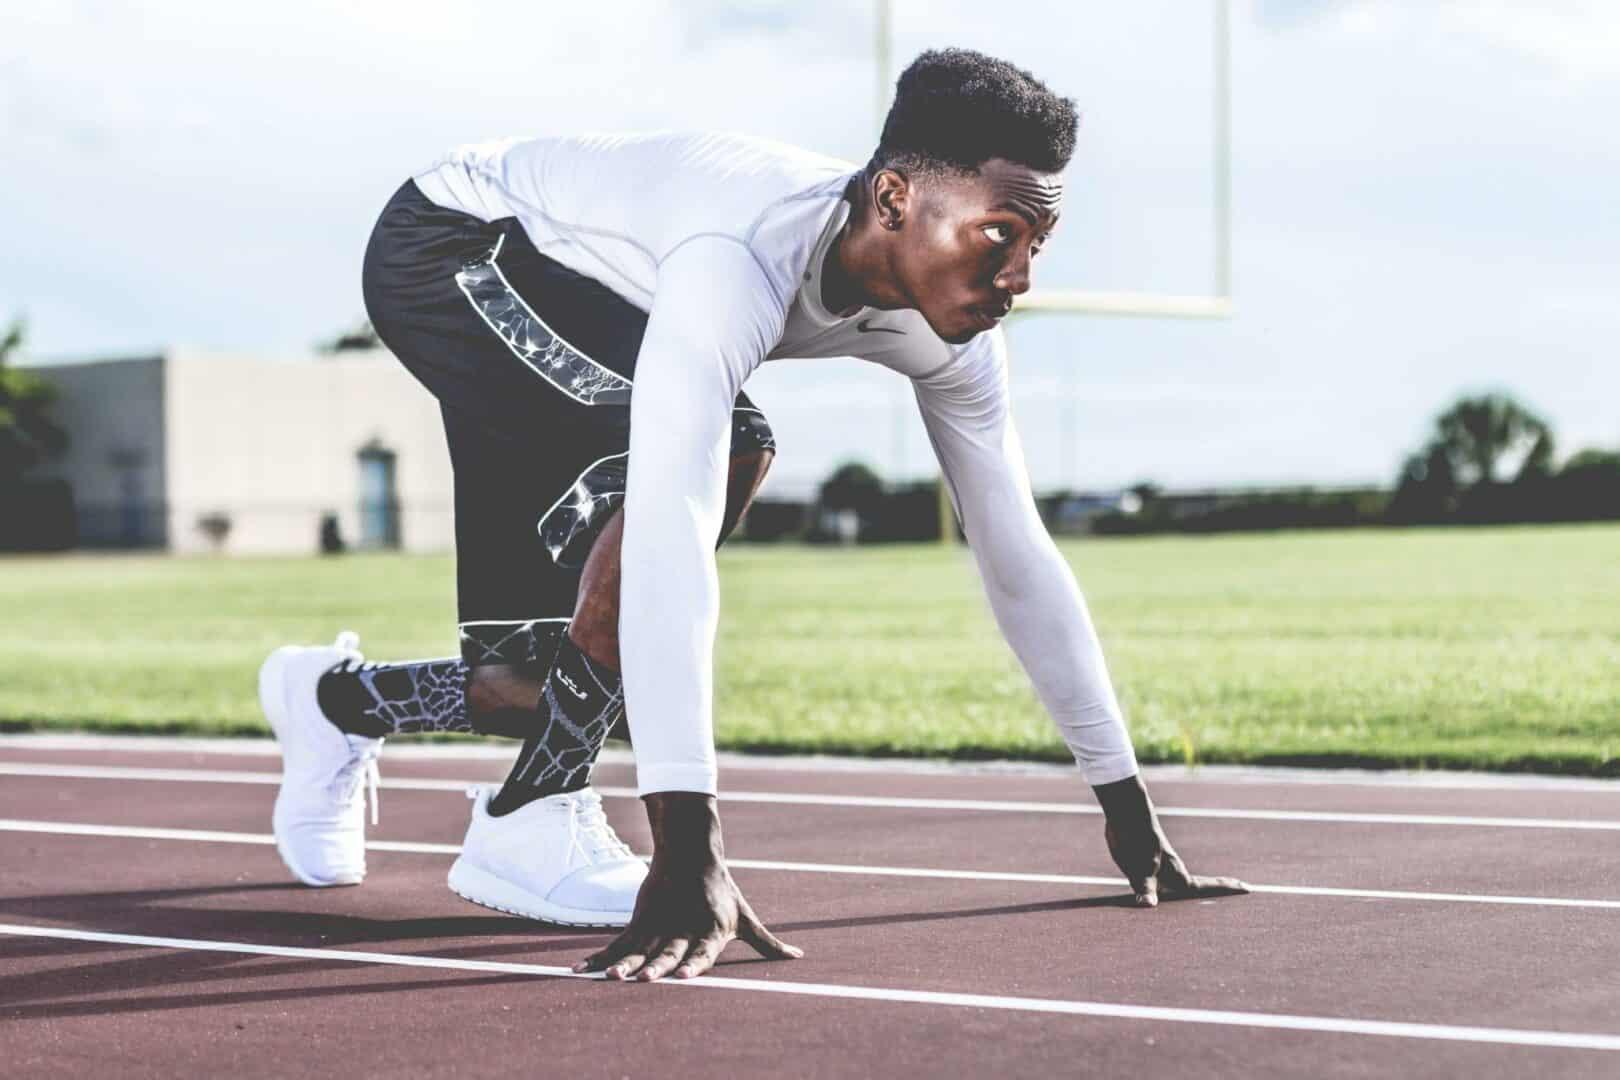 Einfache Prinzipien der Bewegungstherapie